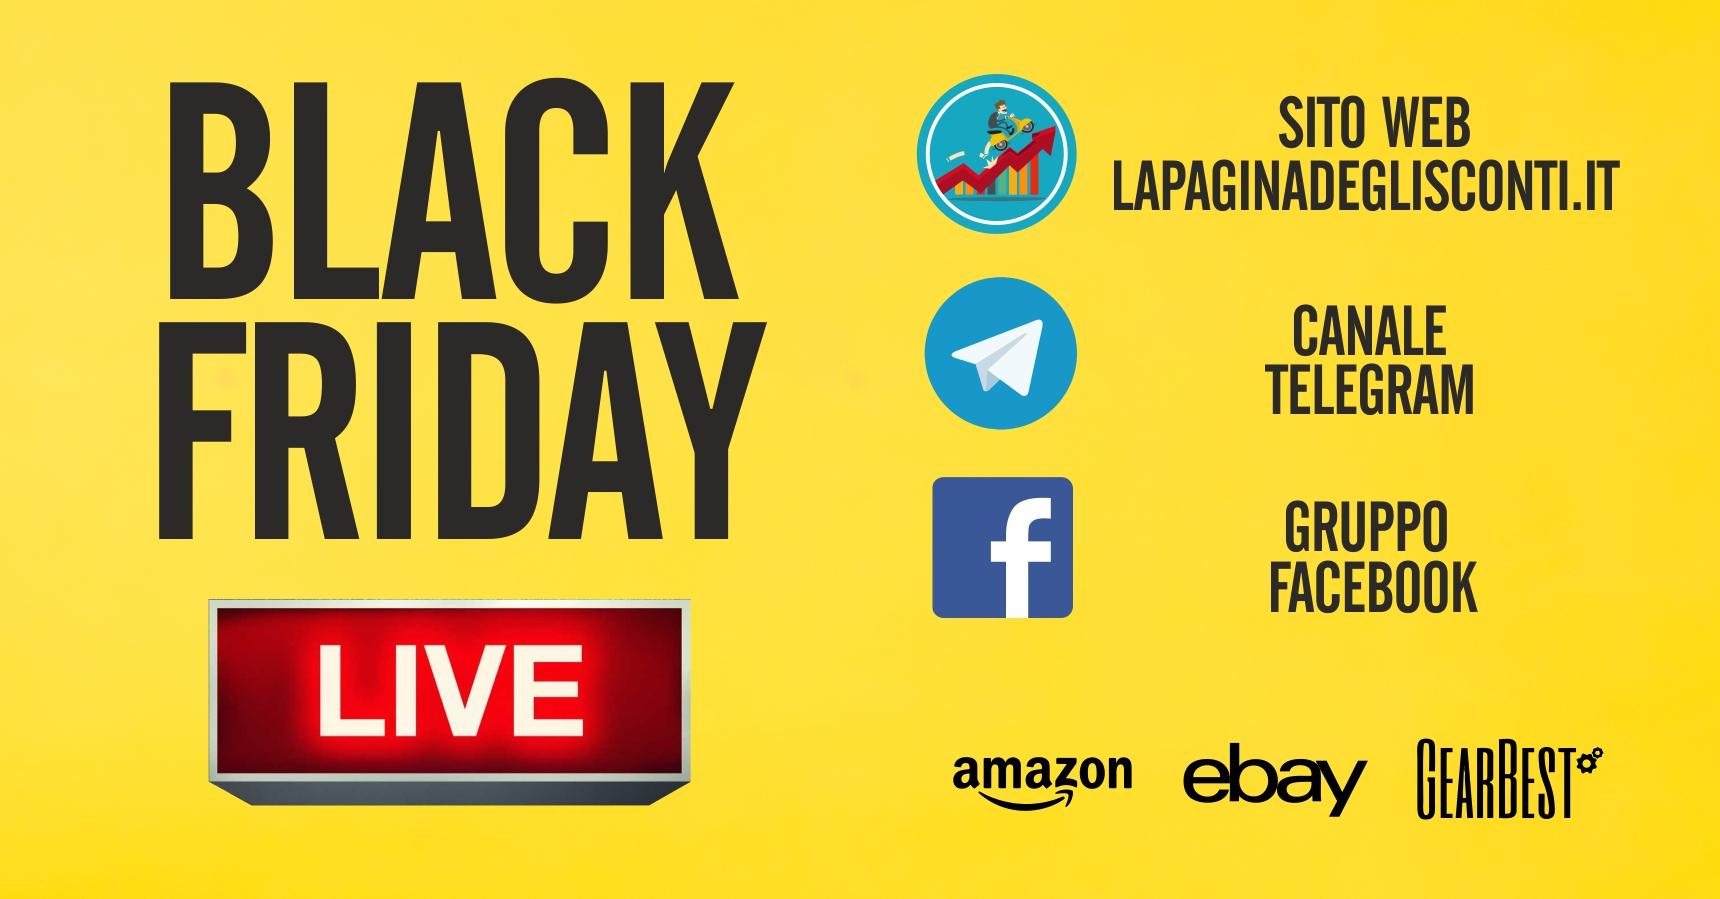 Black Friday 2017 come seguirlo in diretta